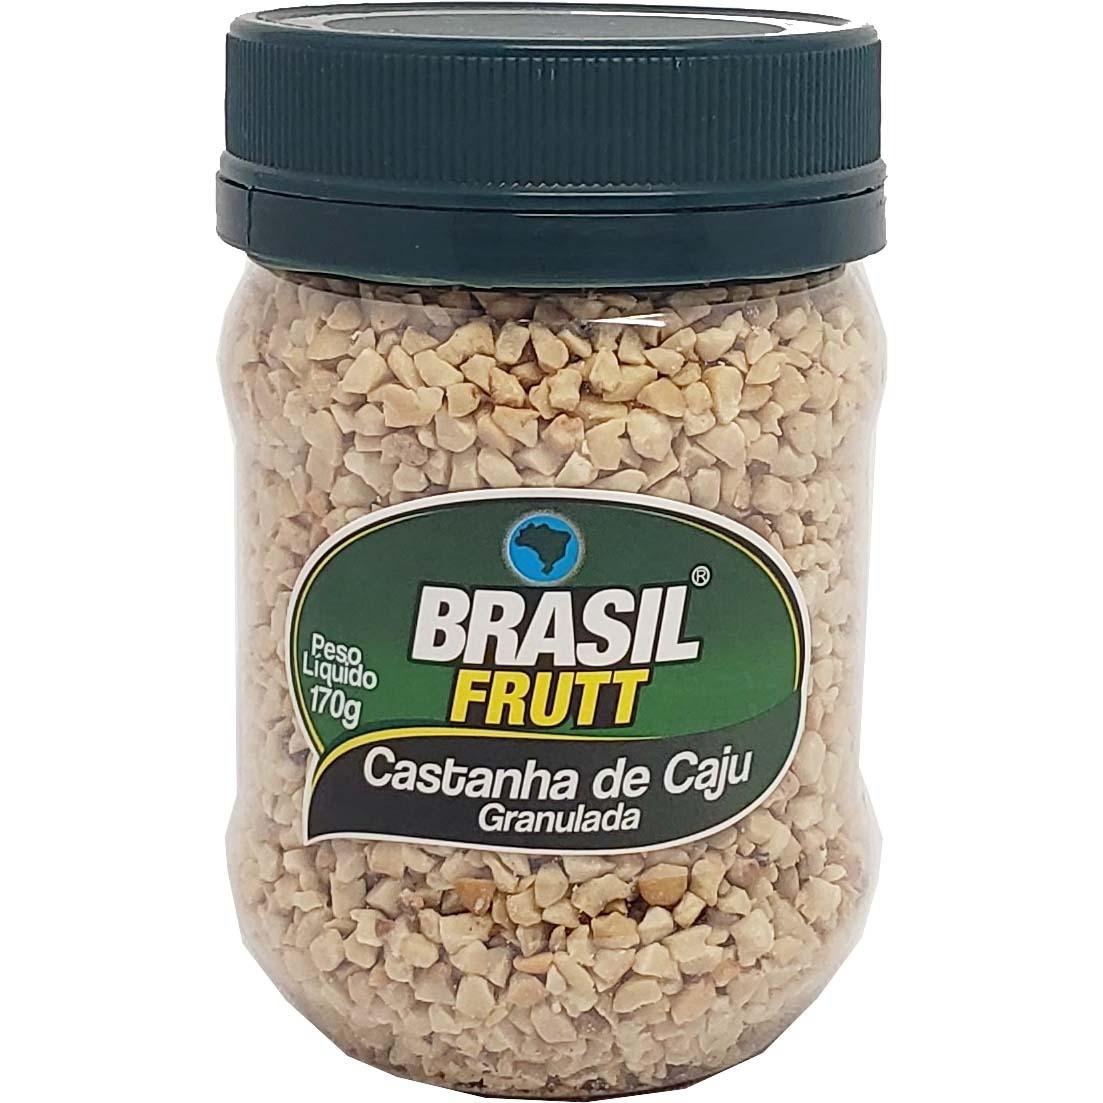 Castanha de caju Granulada Brasil Frutt - 170g -